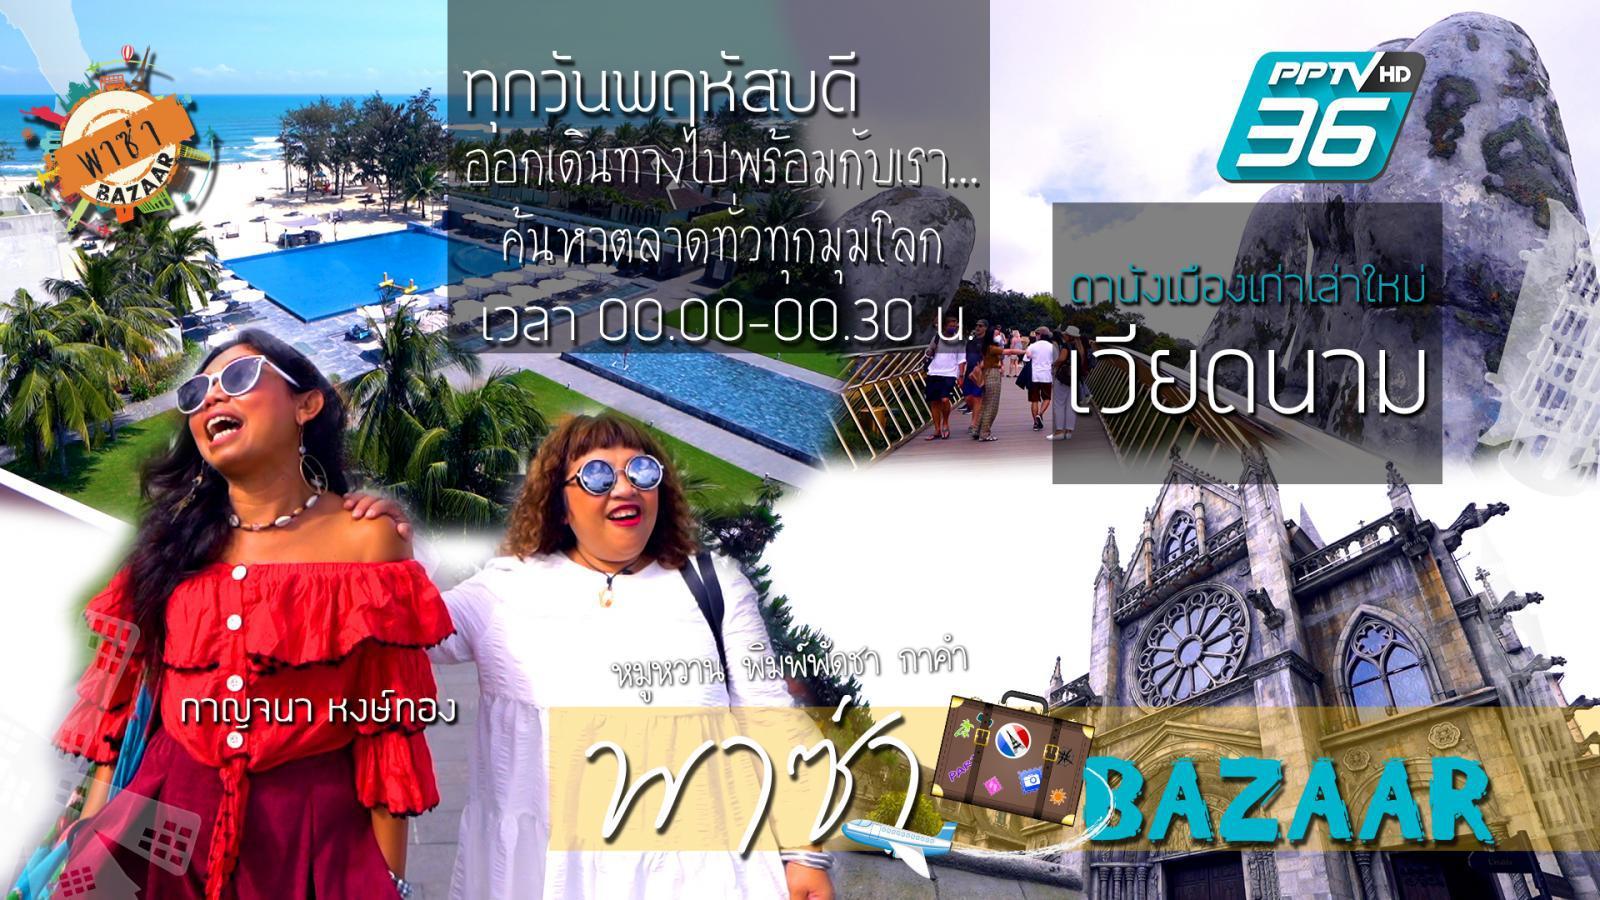 ดานังเมืองเก่าเล่าใหม่ เวียดนาม